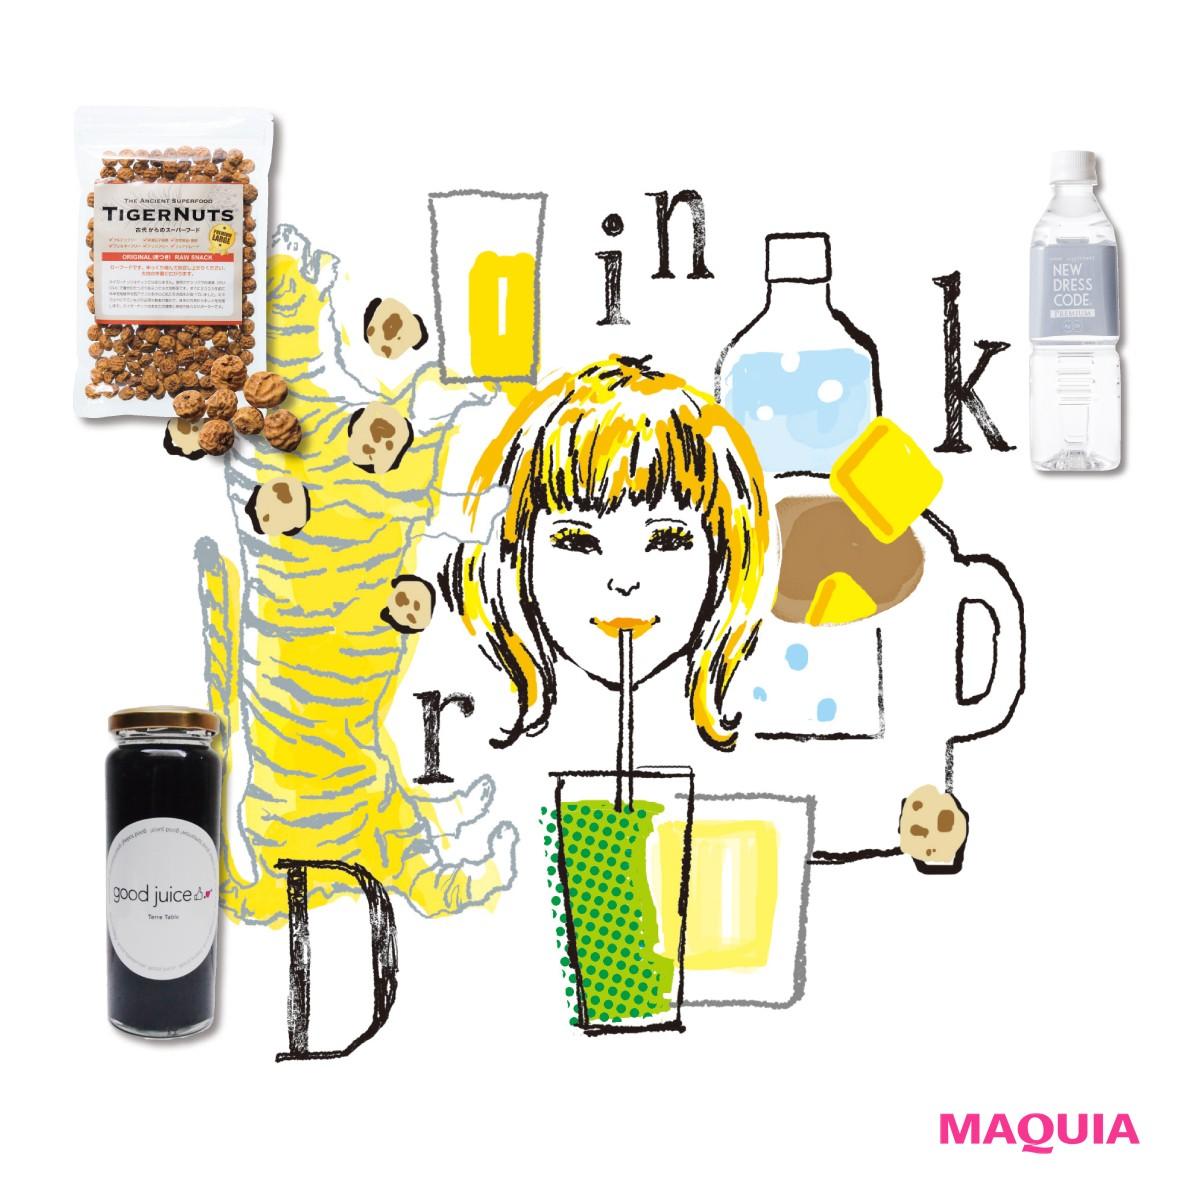 こじはる愛飲のバターコーヒー、タイガーナッツ【インナービューティ最前線】